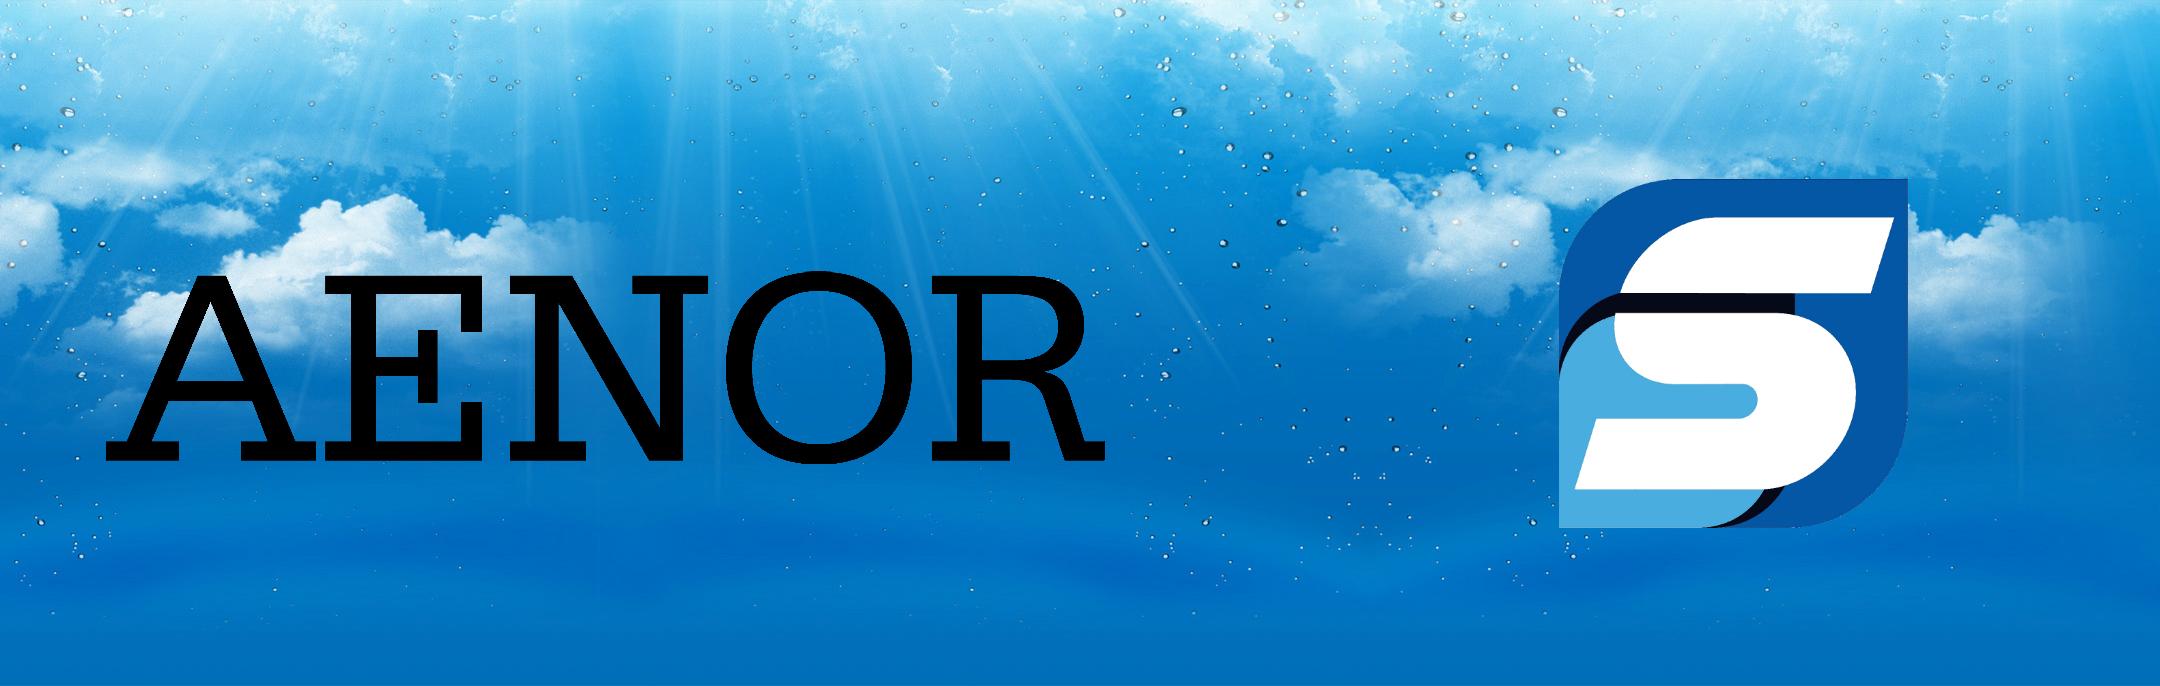 AENOR concede a Siscocan el Certificado de Registro de Empresa